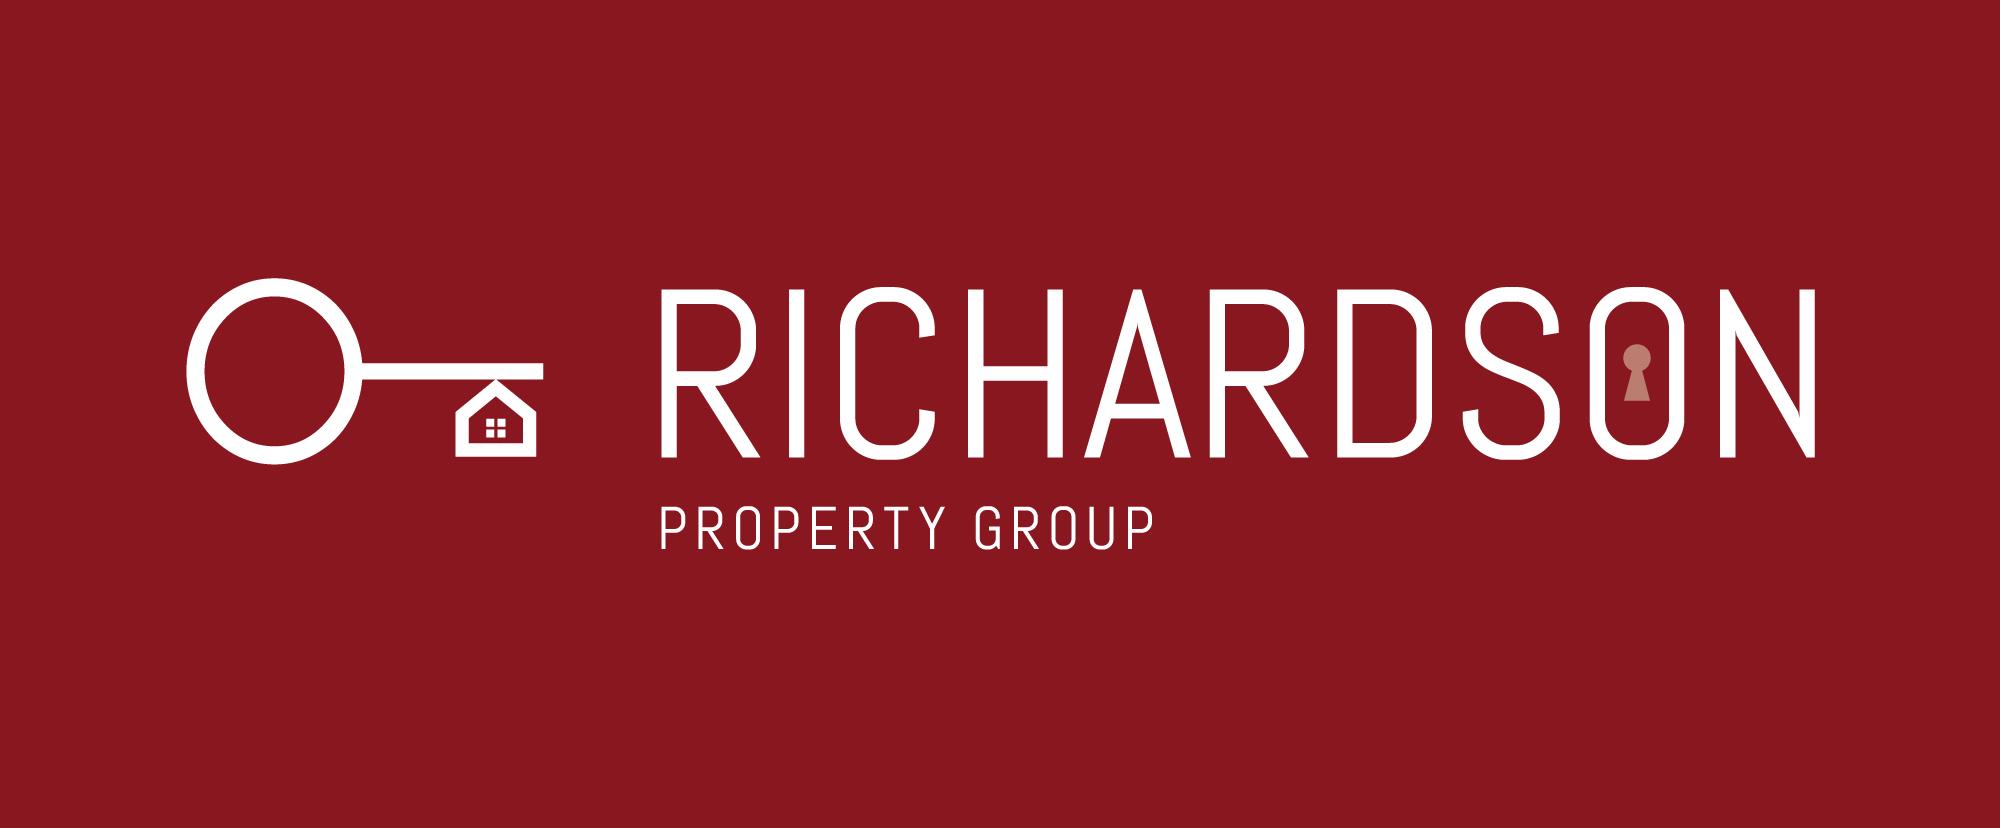 Richardson Property Group , Werribee, 3030